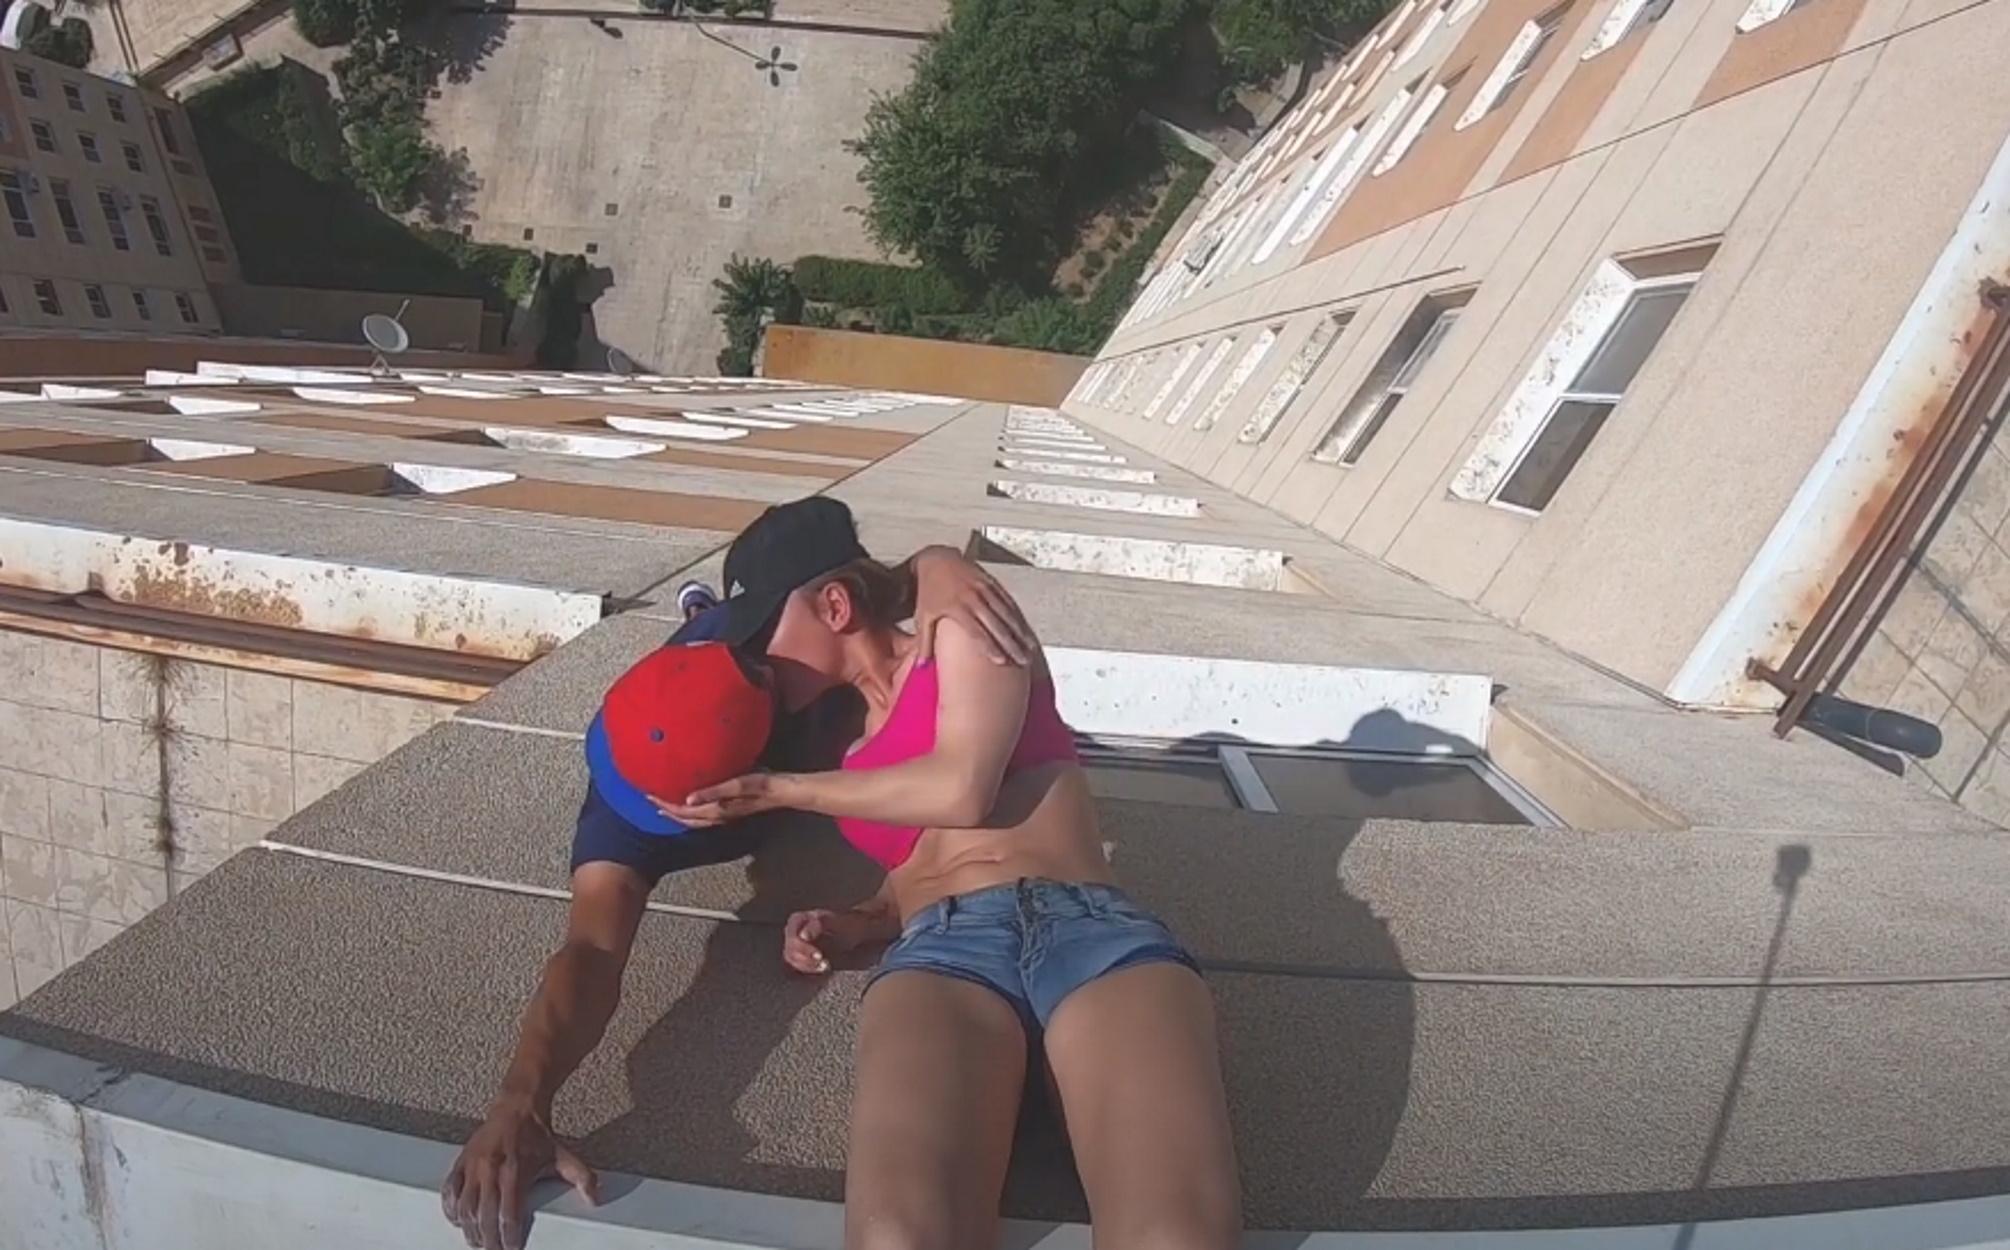 Ιράν: Αθλητής του παρκούρ ανέβασε φωτογραφίες του να φιλάει γυναίκα σε στέγες σπιτιών και συνελήφθη (video)